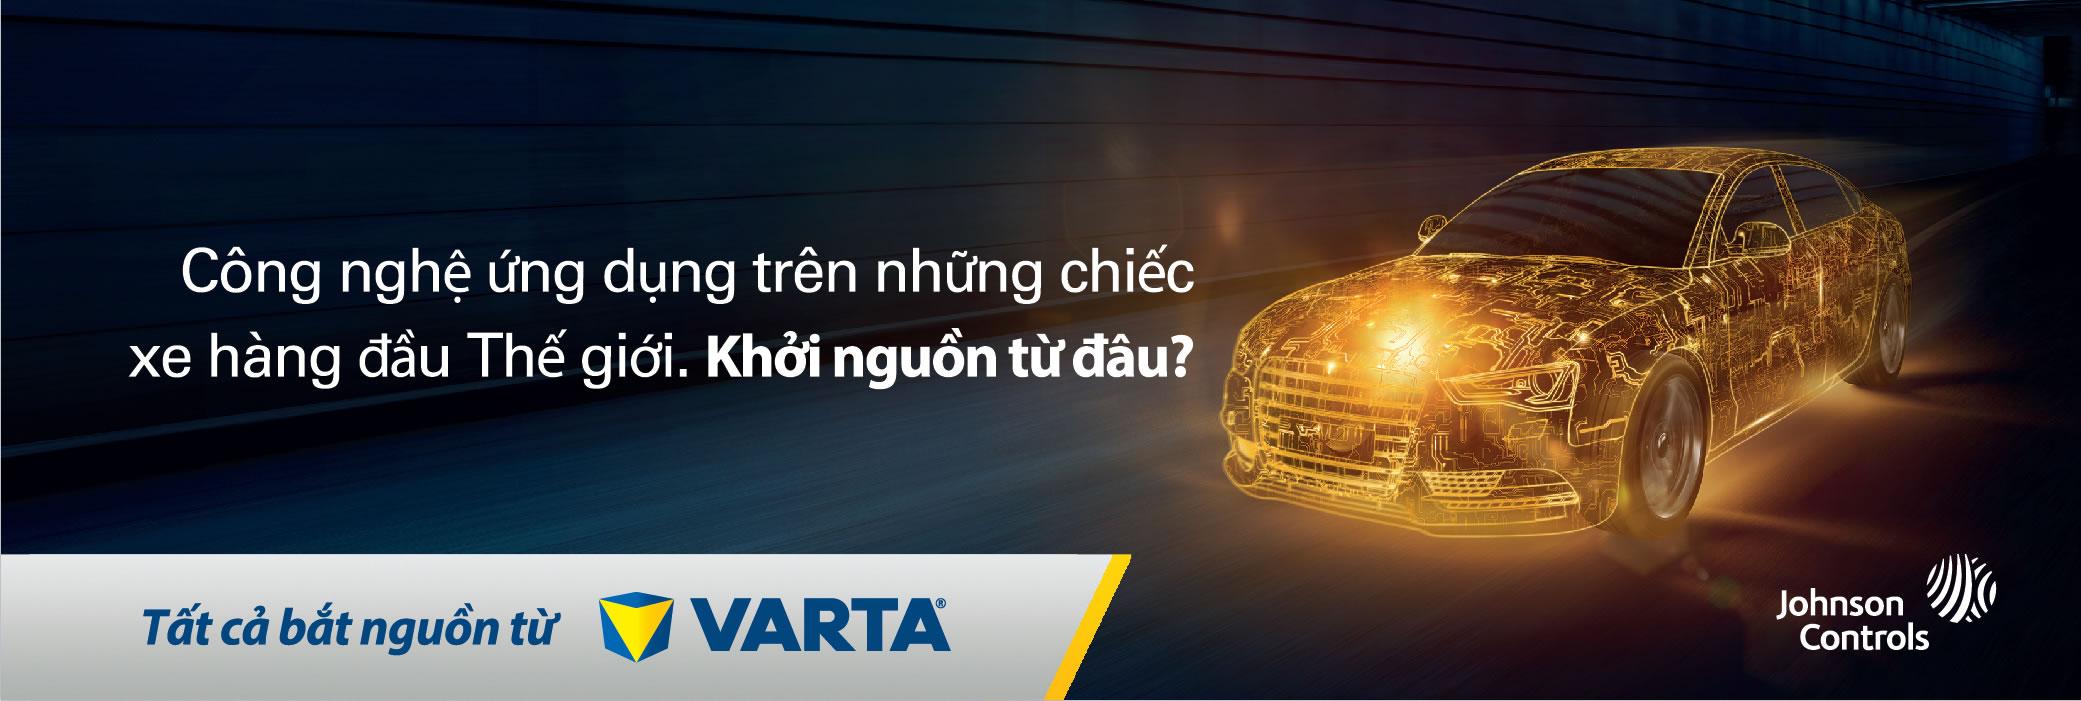 Varta_web_banner_Viet_FA_final_OL.jpg